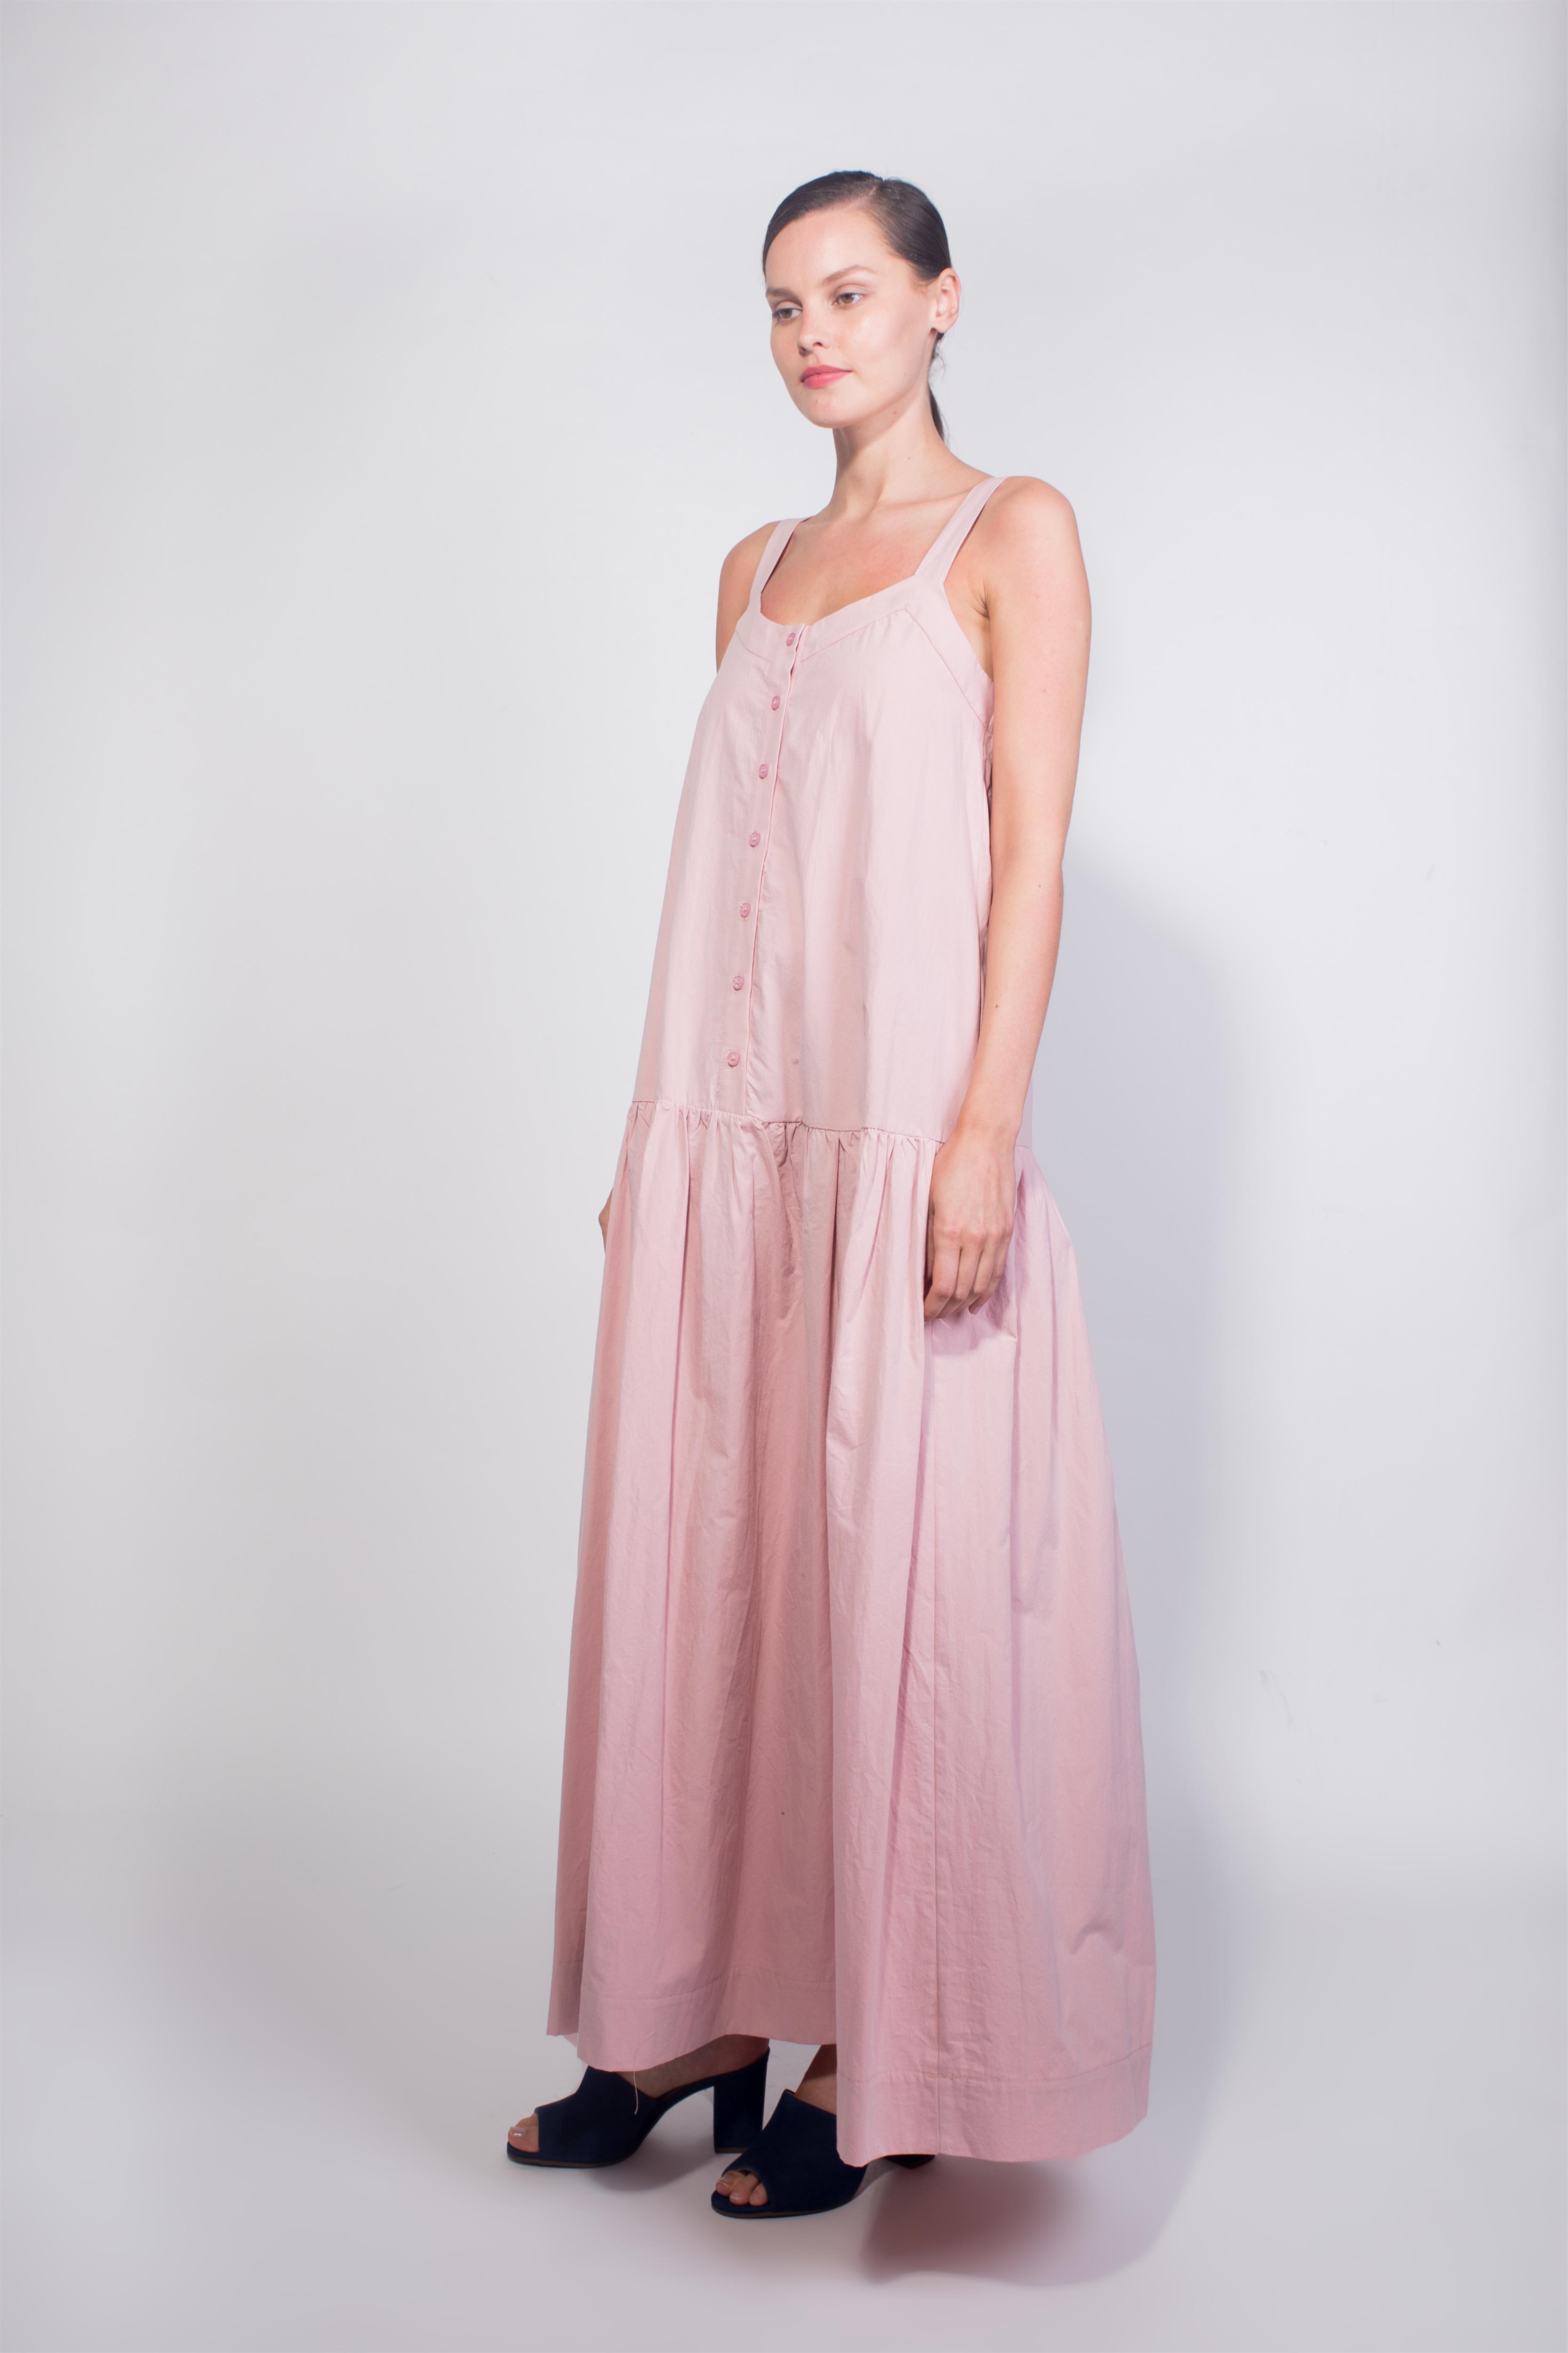 שמלה של TwoTone עכשיו ב- 400  שקל במקום 850 שקל צילום רותם לבל